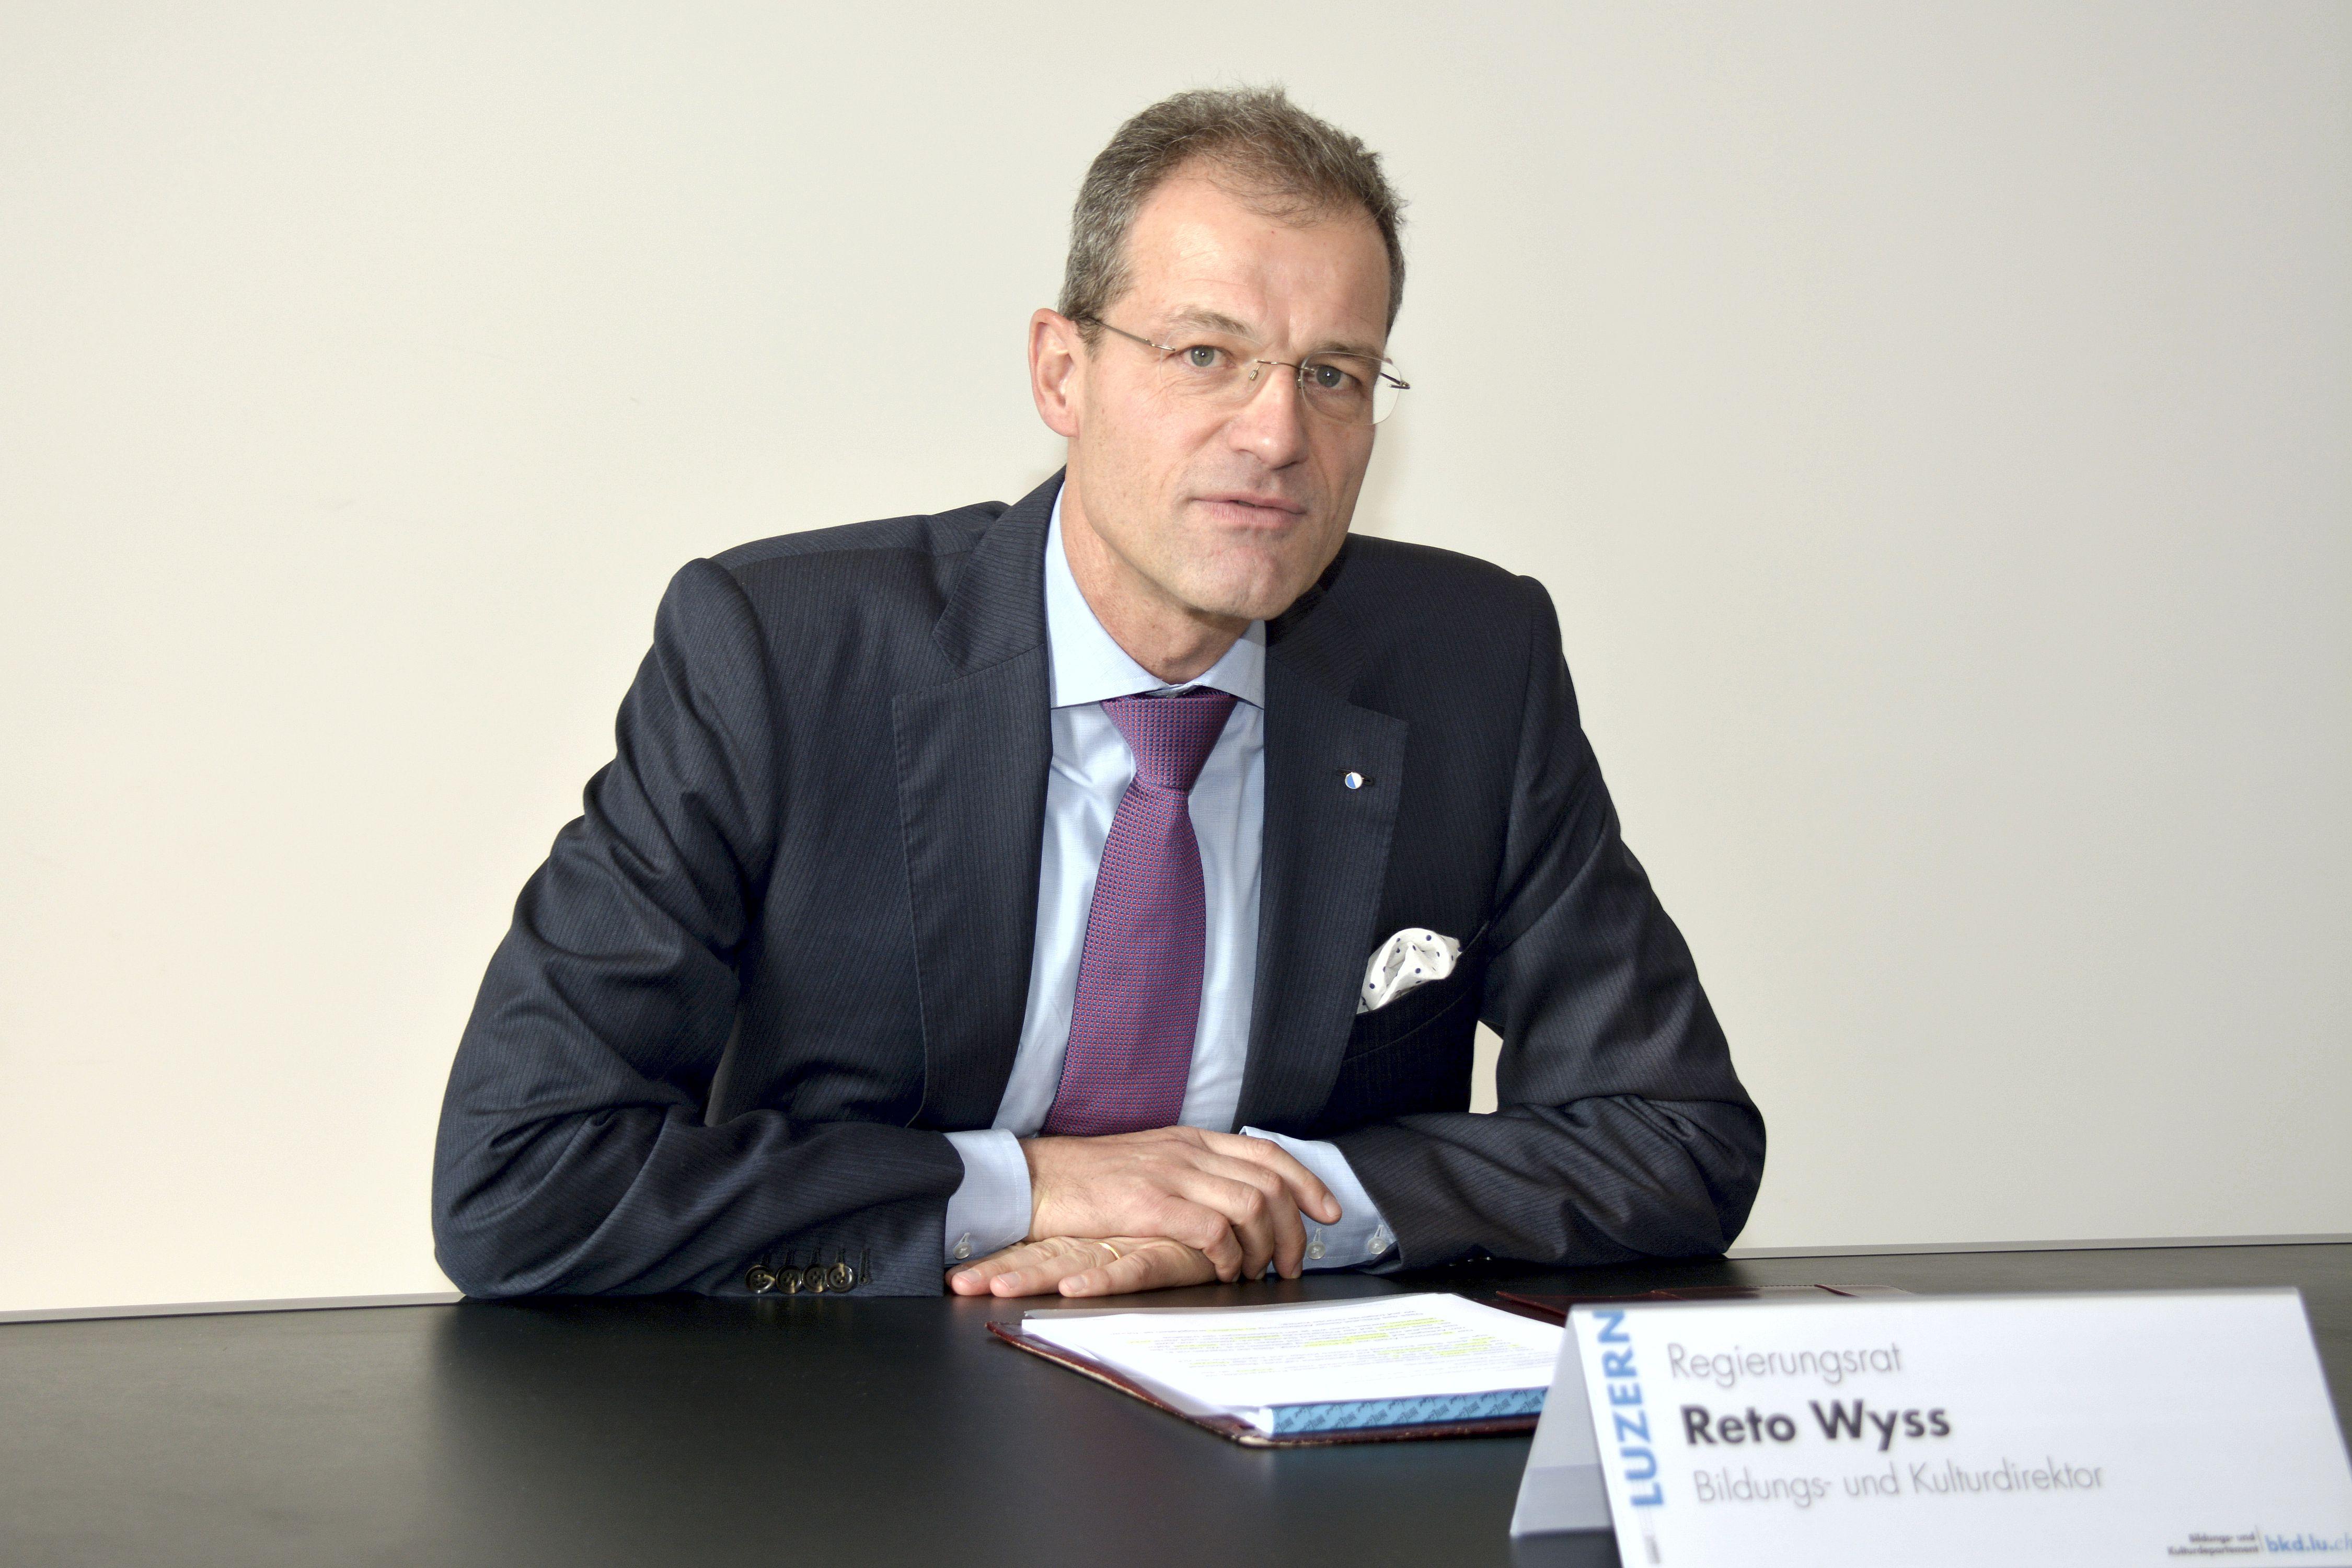 Regierungsrat Reto Wyss, Bildungs- und Kulturdirektor des Kantons Luzern